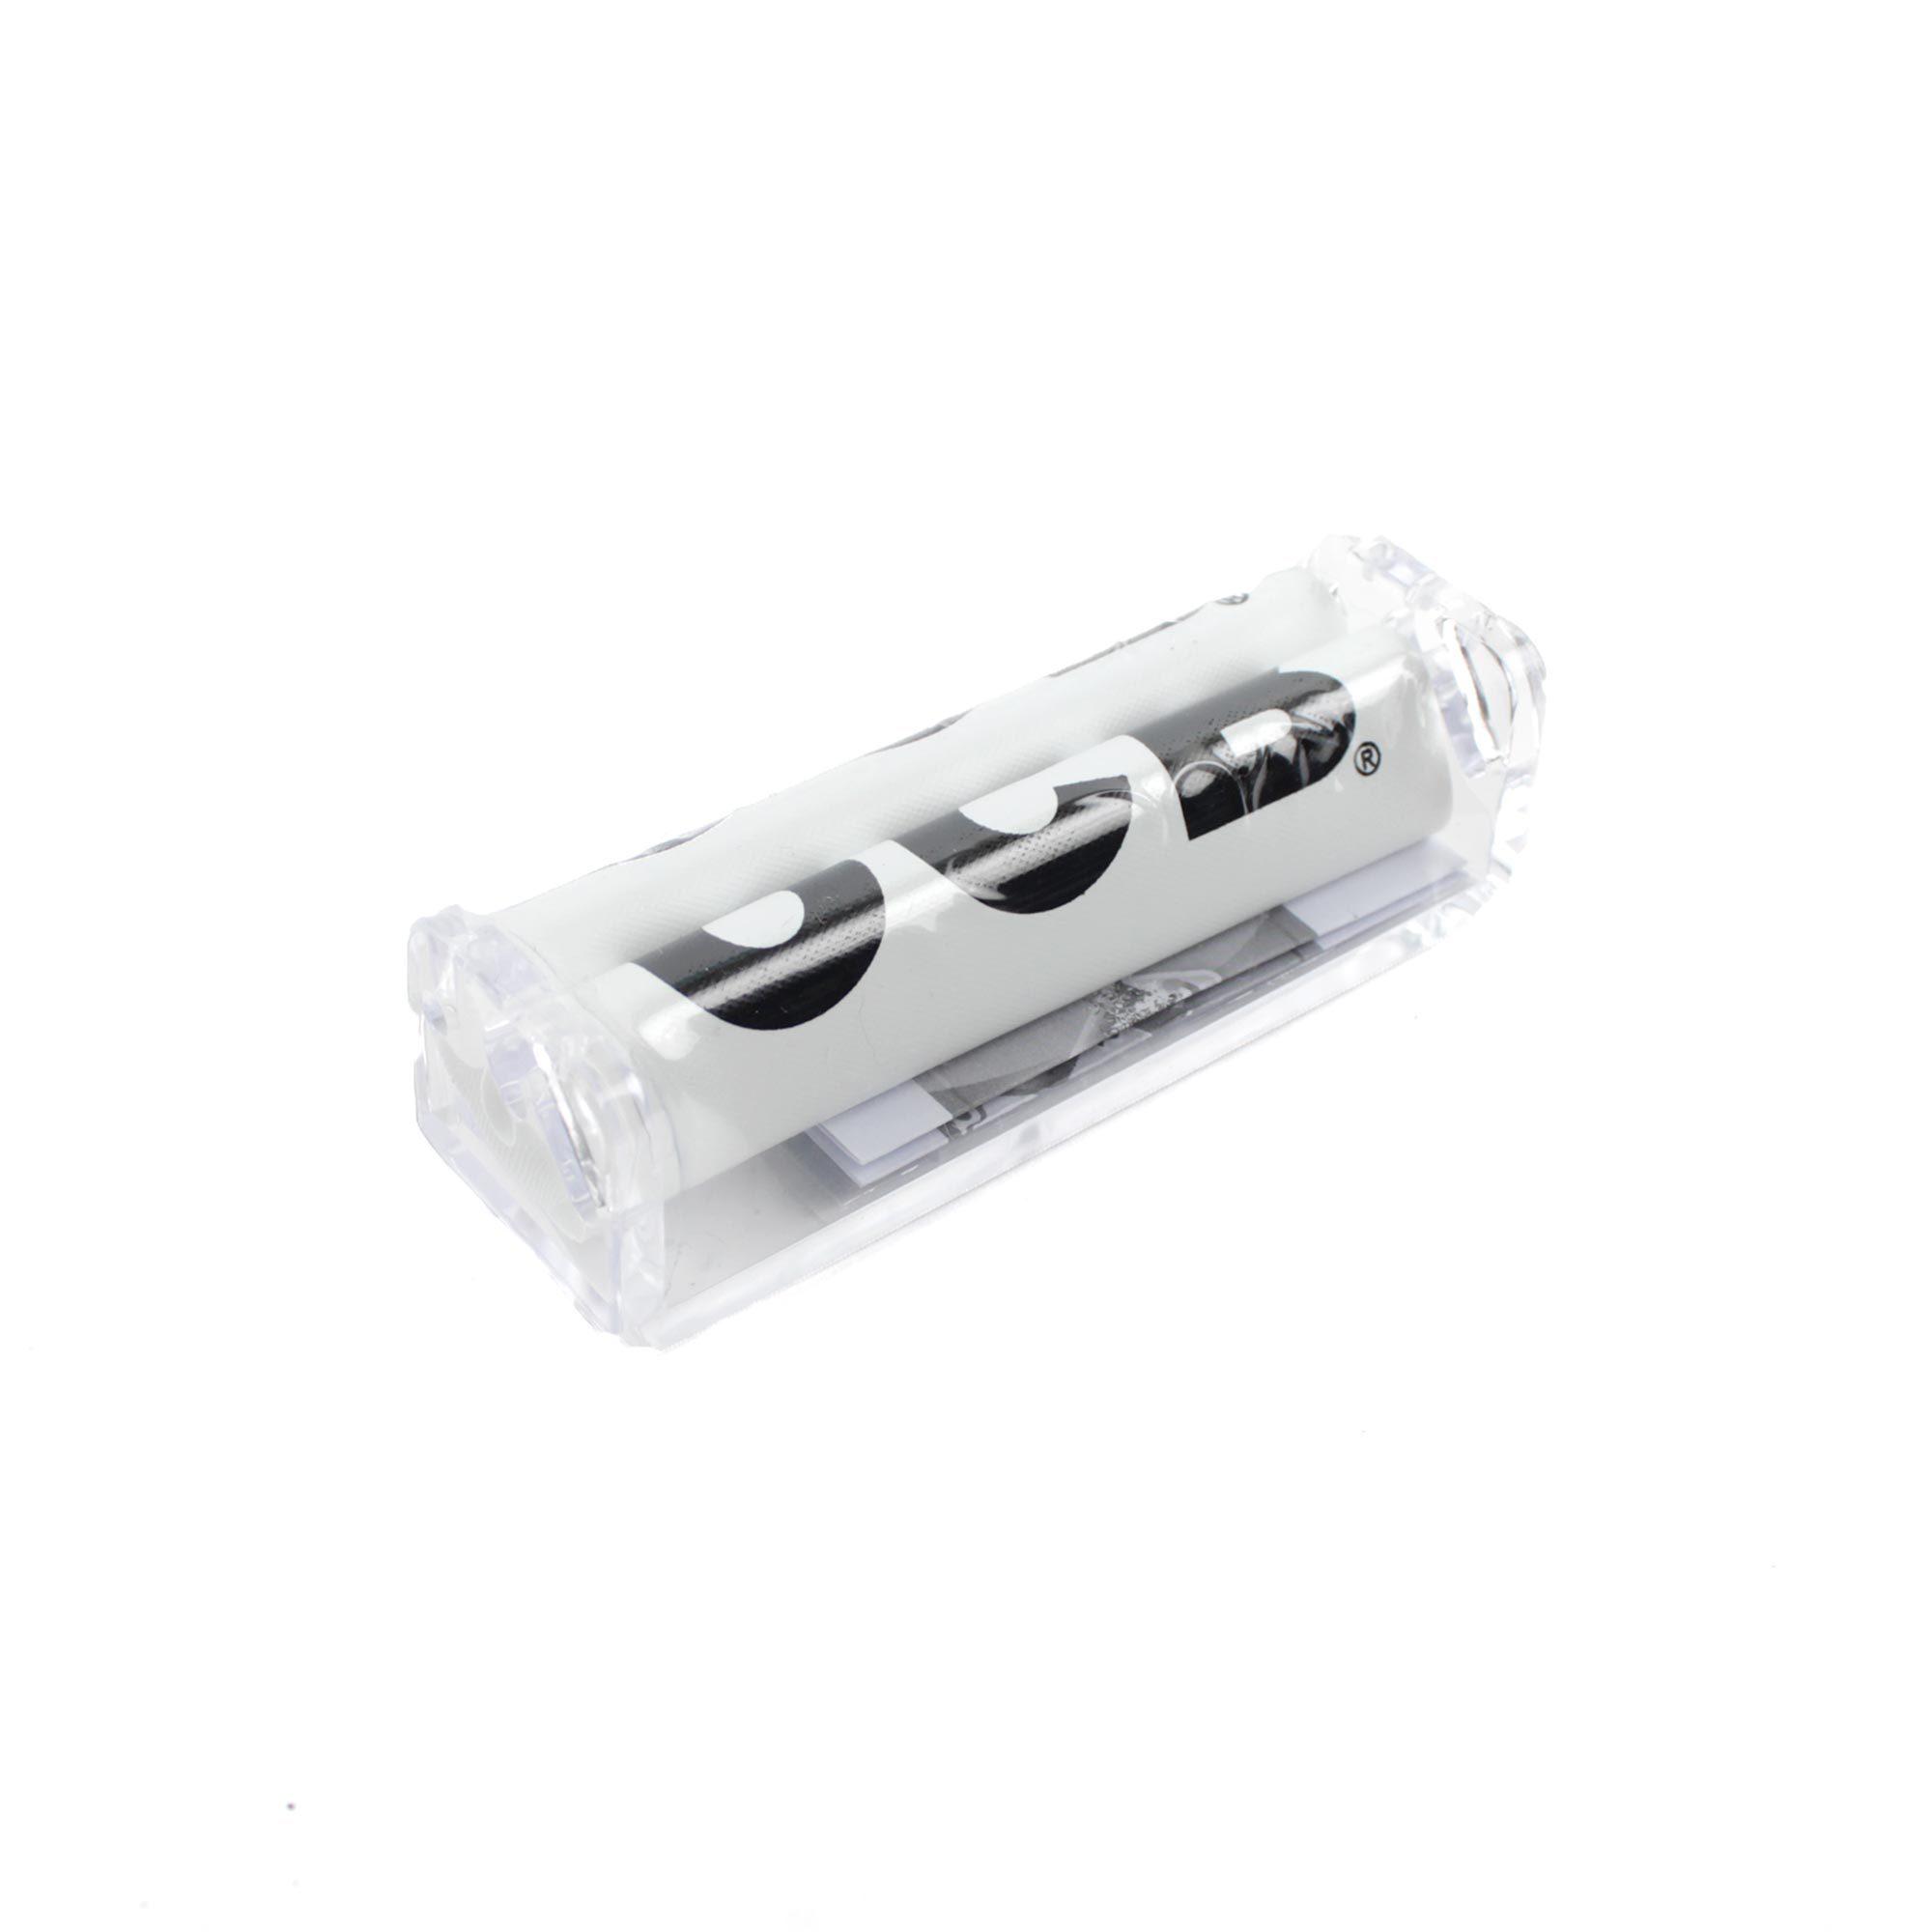 Машинка сигаретная закруточная OCB 1 1/4 ПЛАСТИК блок ROCB1.1/4